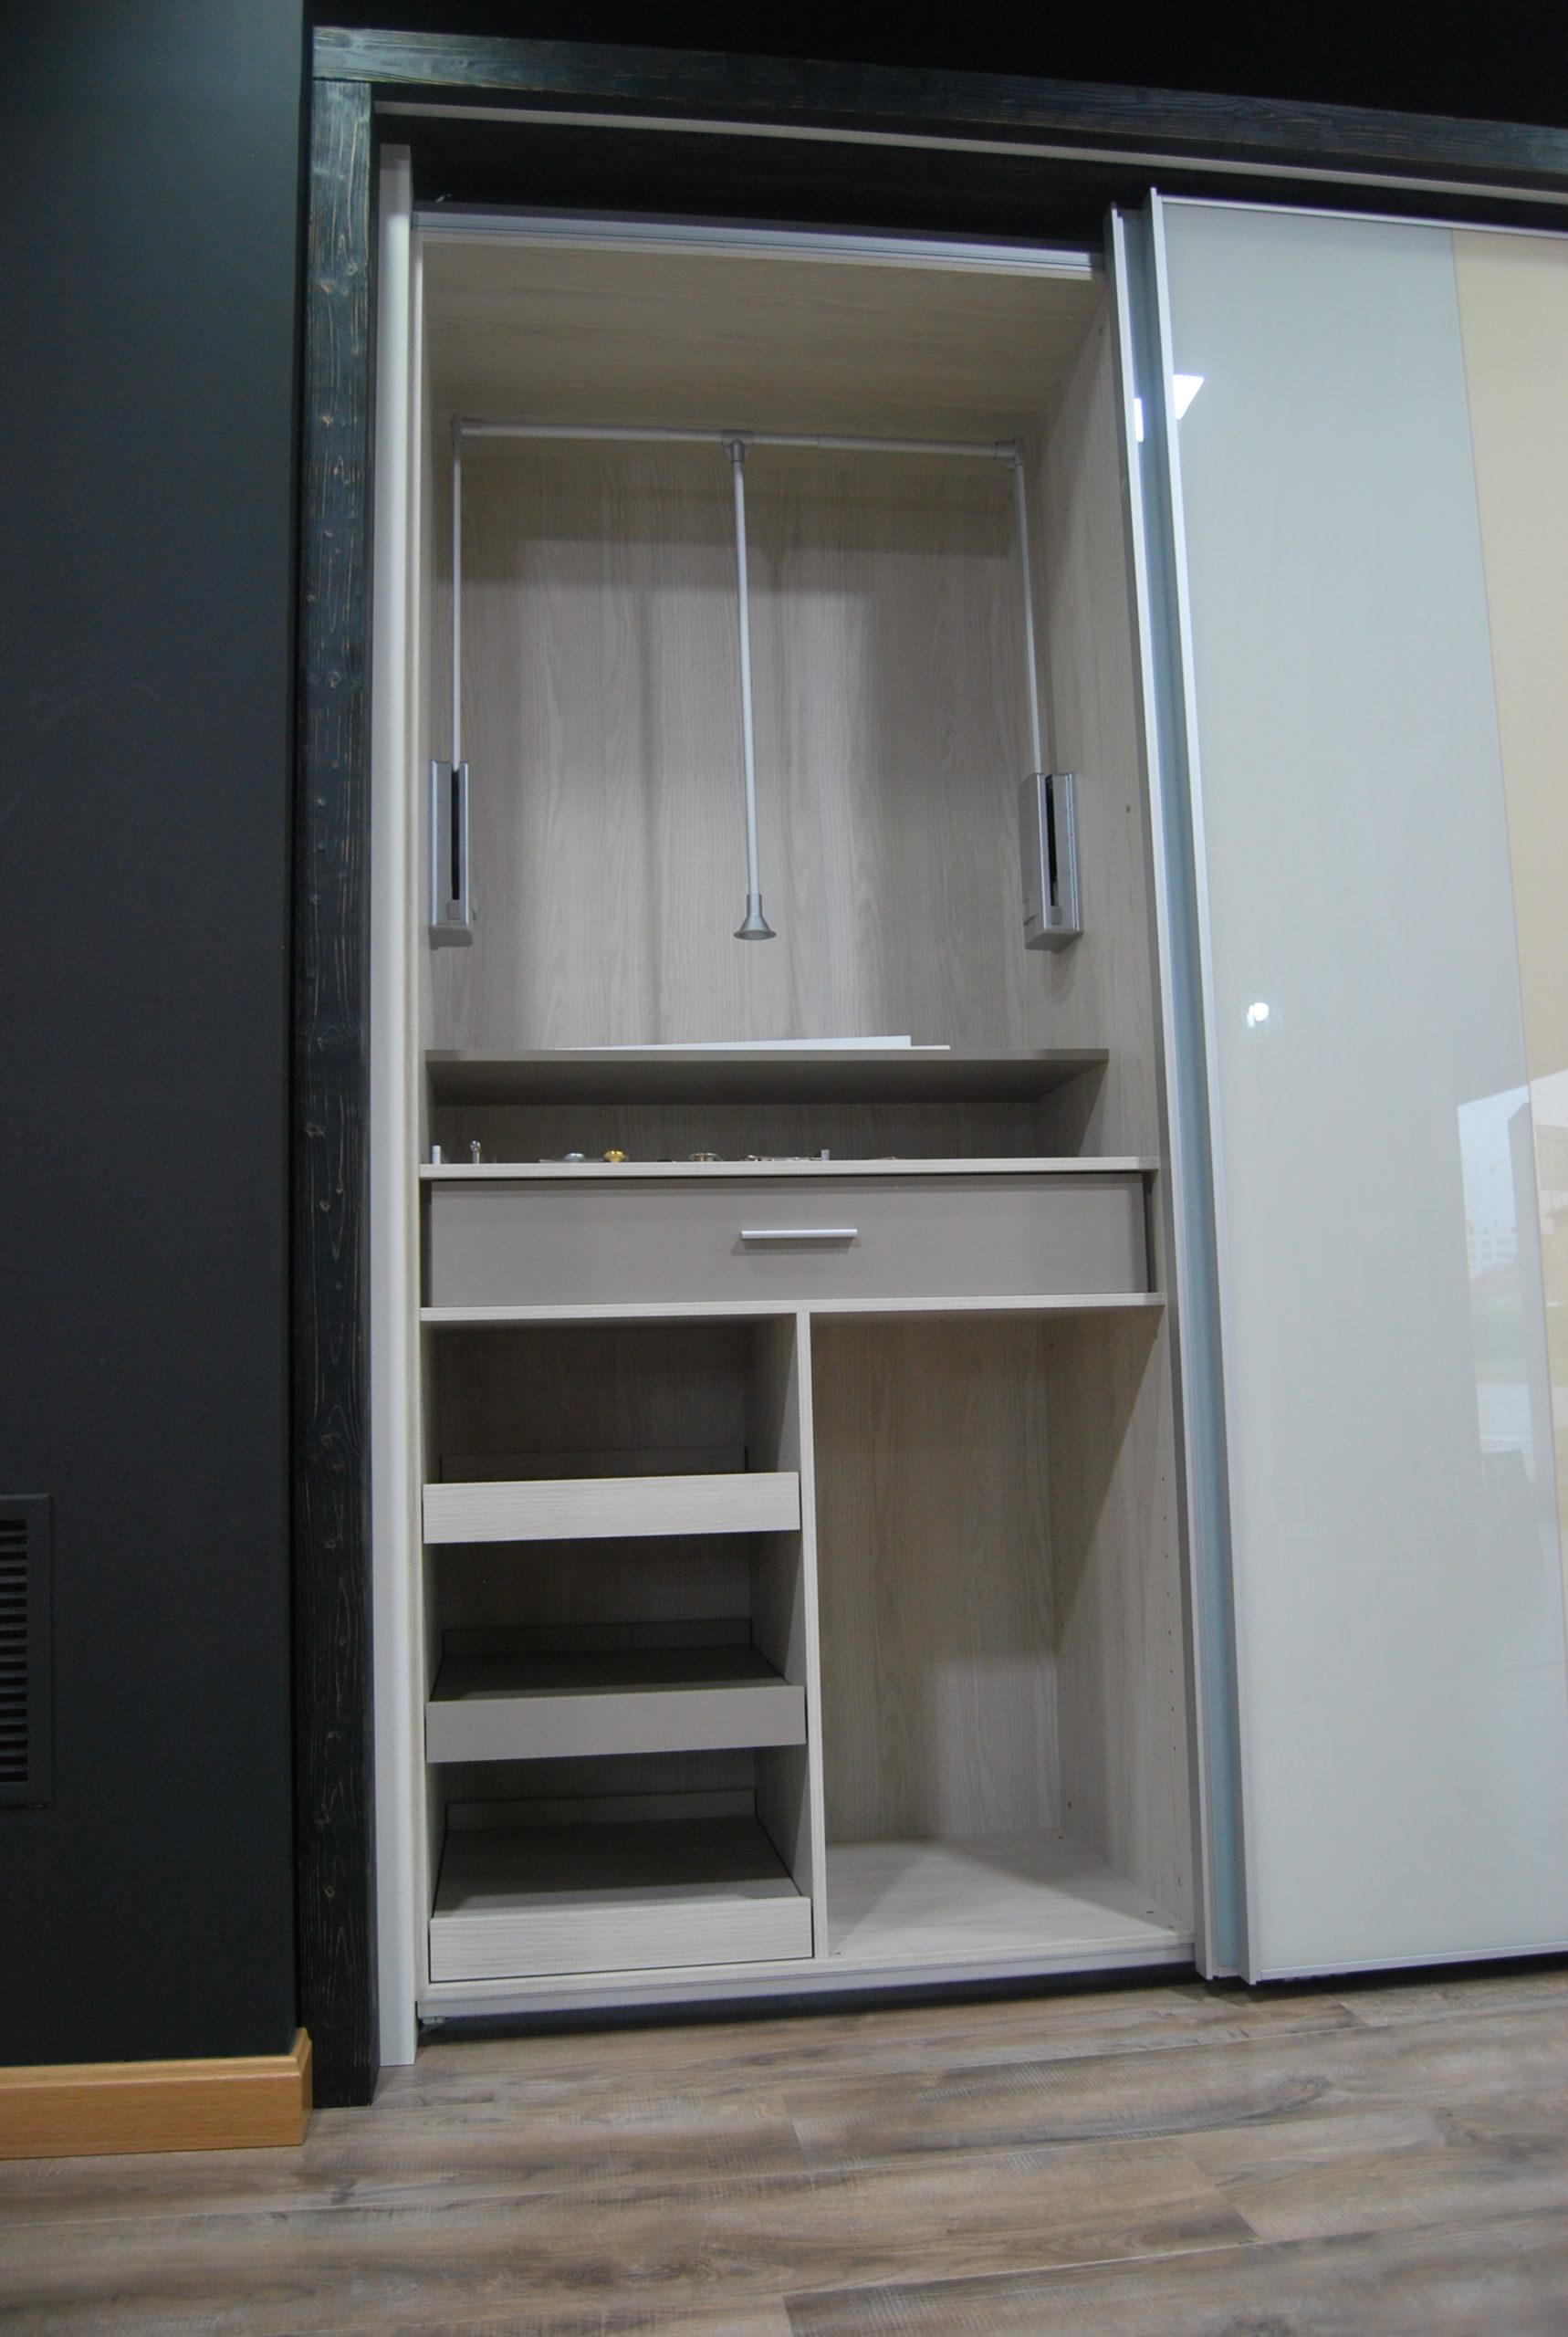 carpinteria-luis-fuente-armarios-de-madera-burgos-españa-taller-madera-de-calidad-premium-muebles-compra-venta (20)